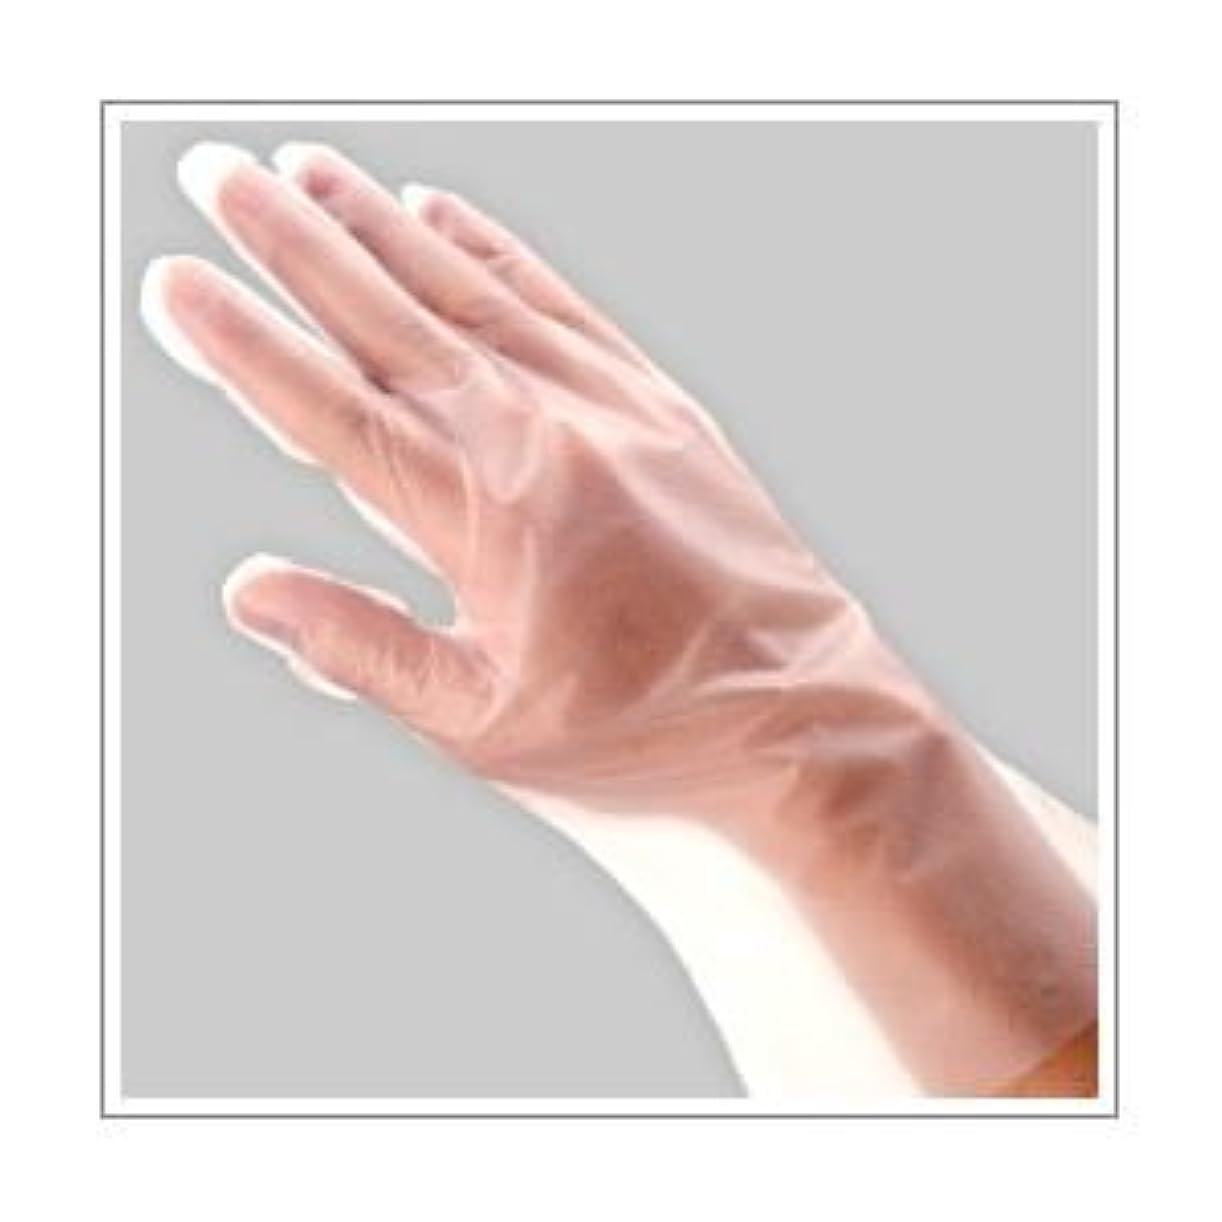 福助工業 ポリ手袋 指フィット 100枚パック S ×10セット